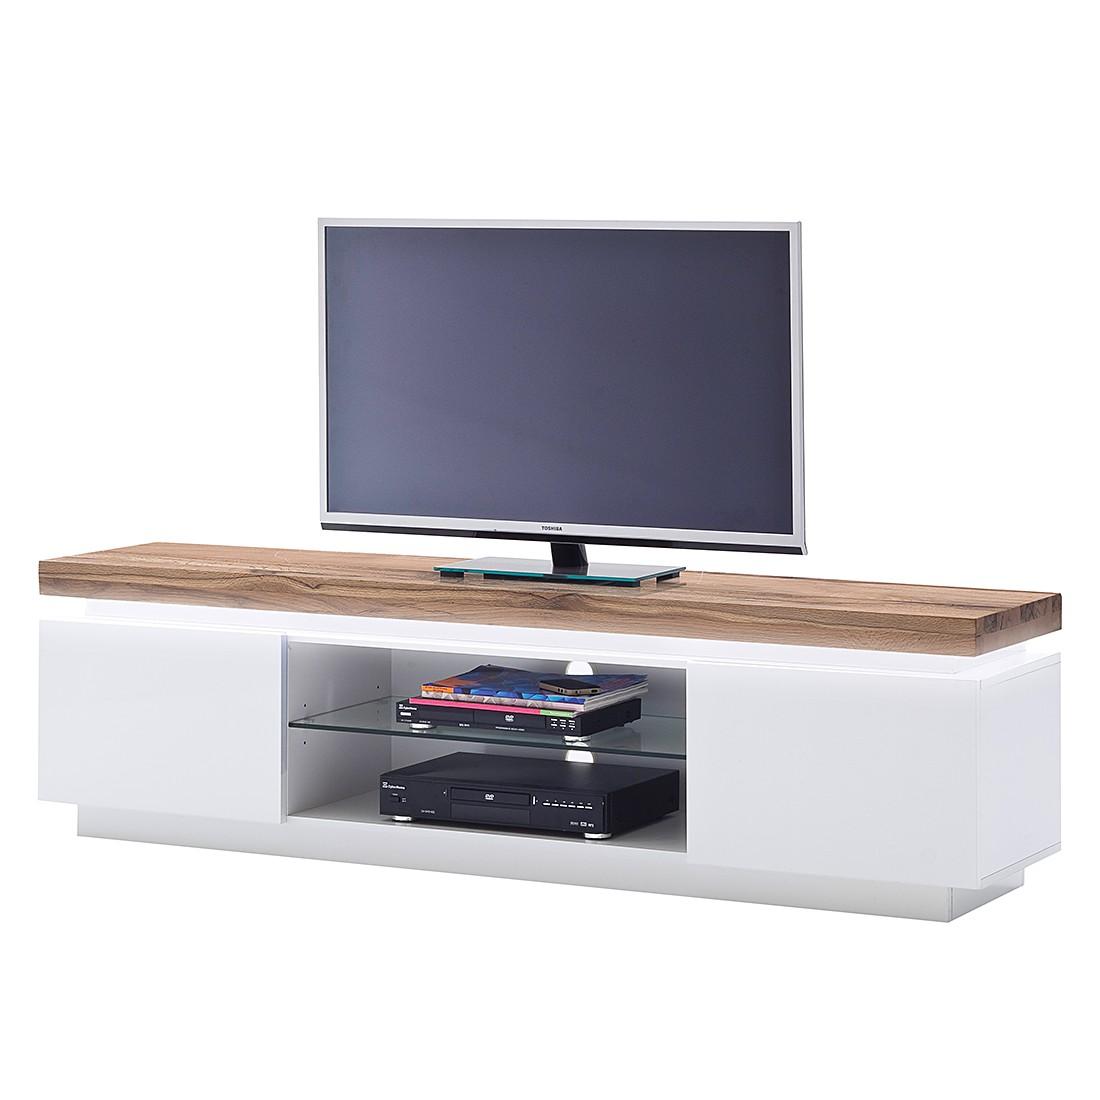 energia A+, Mobile TV Roble I (inclusivo di illuminazione) - Bianco opaco/Inserto in legno massello quercia selvatica, Fredriks